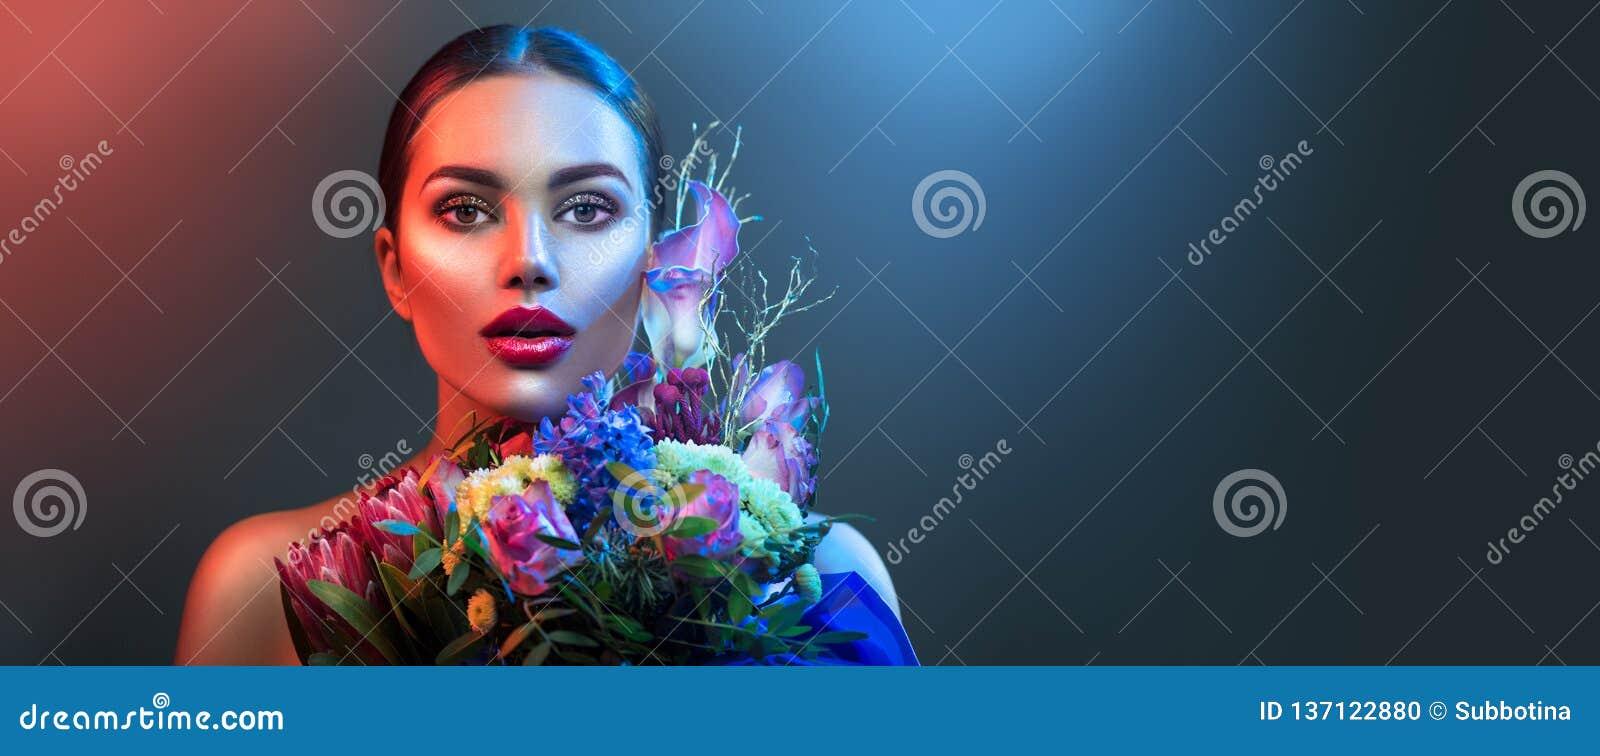 Mode-Modell-Frau im Neonlicht Schönes vorbildliches Mädchen mit buntem hellem Leuchtstoffmake-up